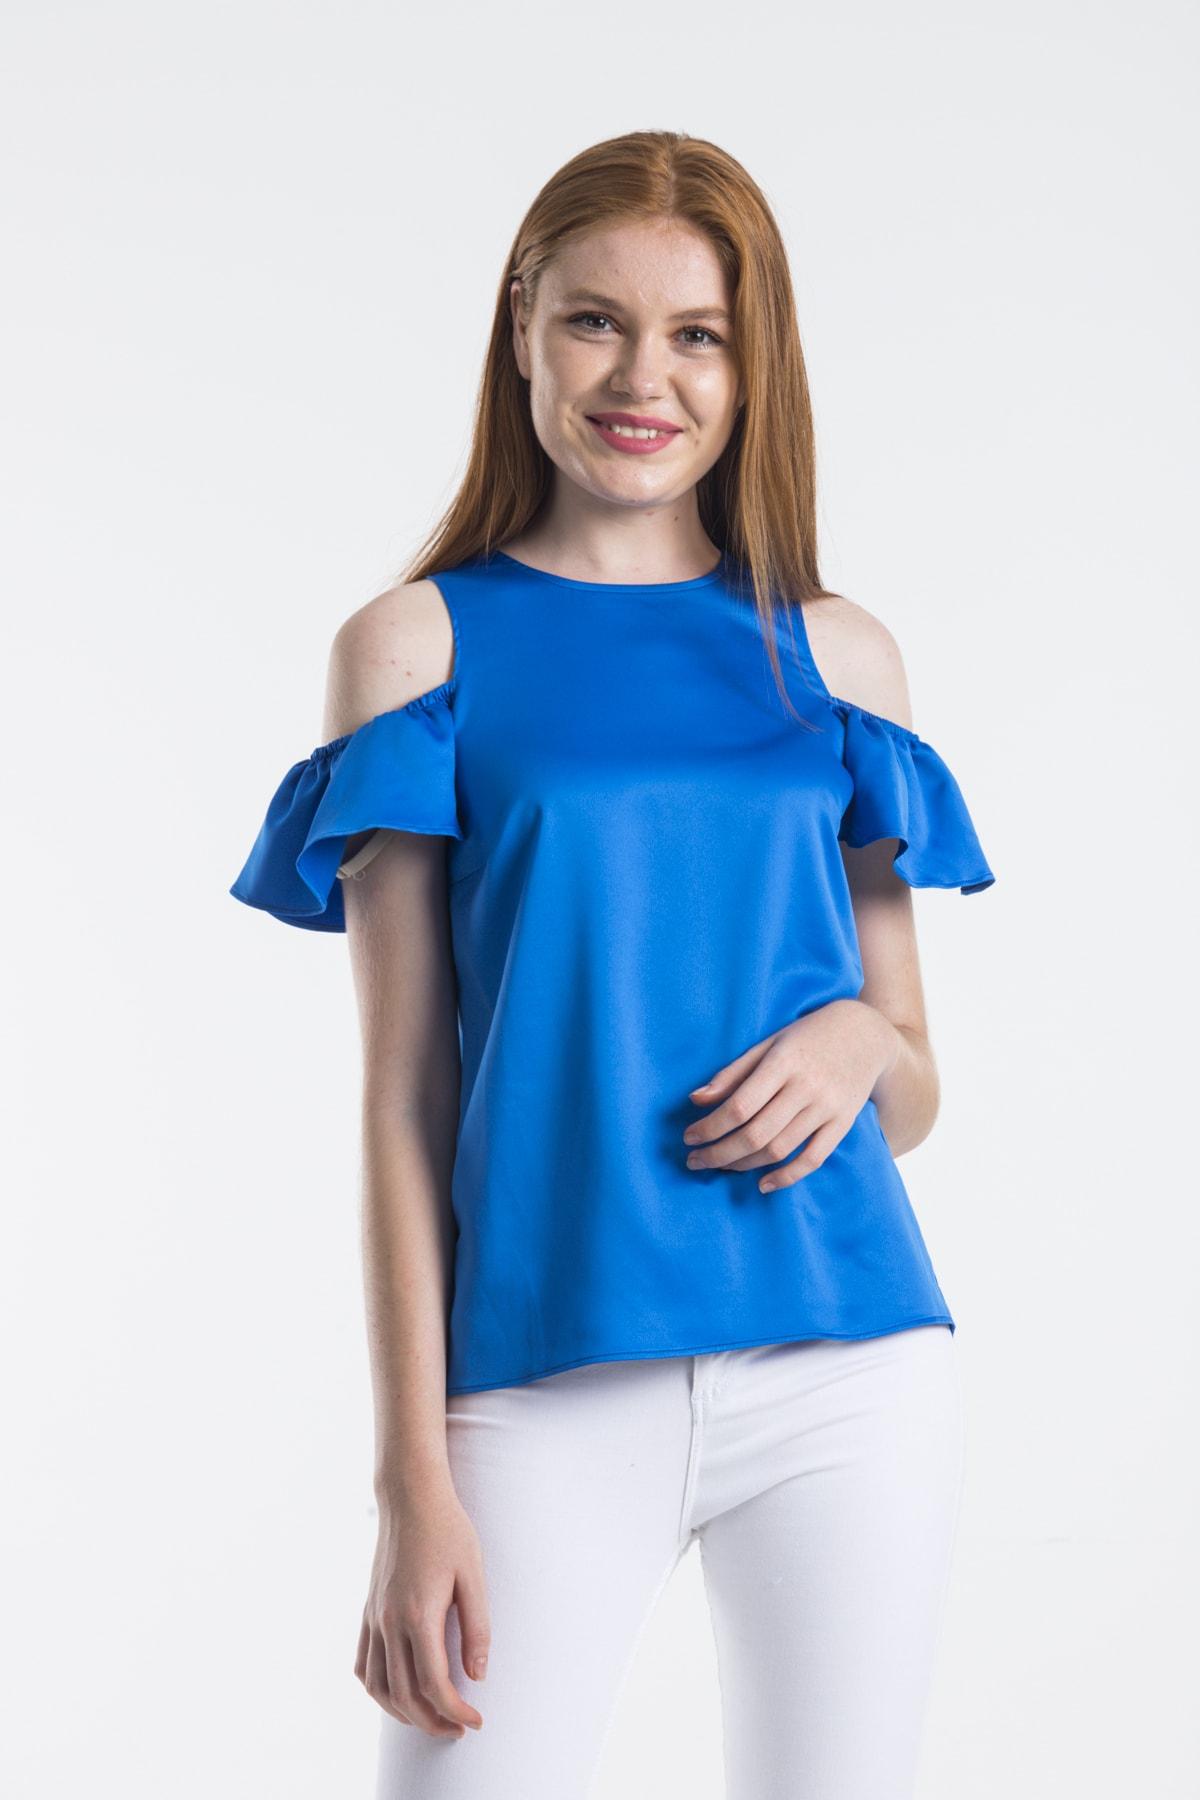 dm street style Kadın Mavi Ipek Saten Omuzu Açık Kolu Lastikli Bluz 2